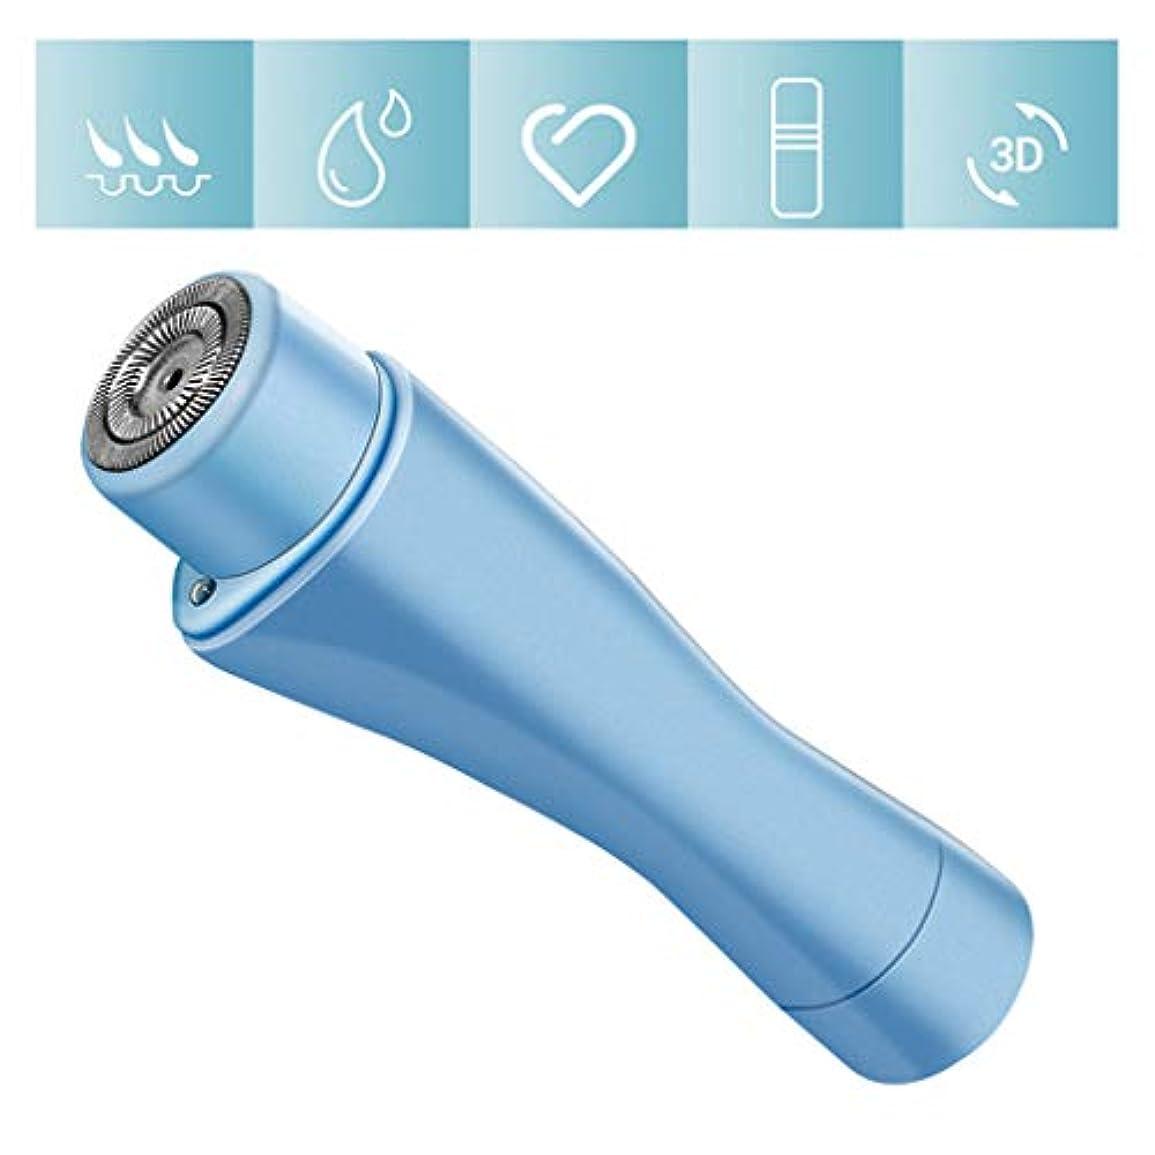 貢献追加する同じかみそり電気かみそりに適していますミニ洗える女性だけが脱毛髪、脚、脇の下、私用部品などを持っています。,Blue